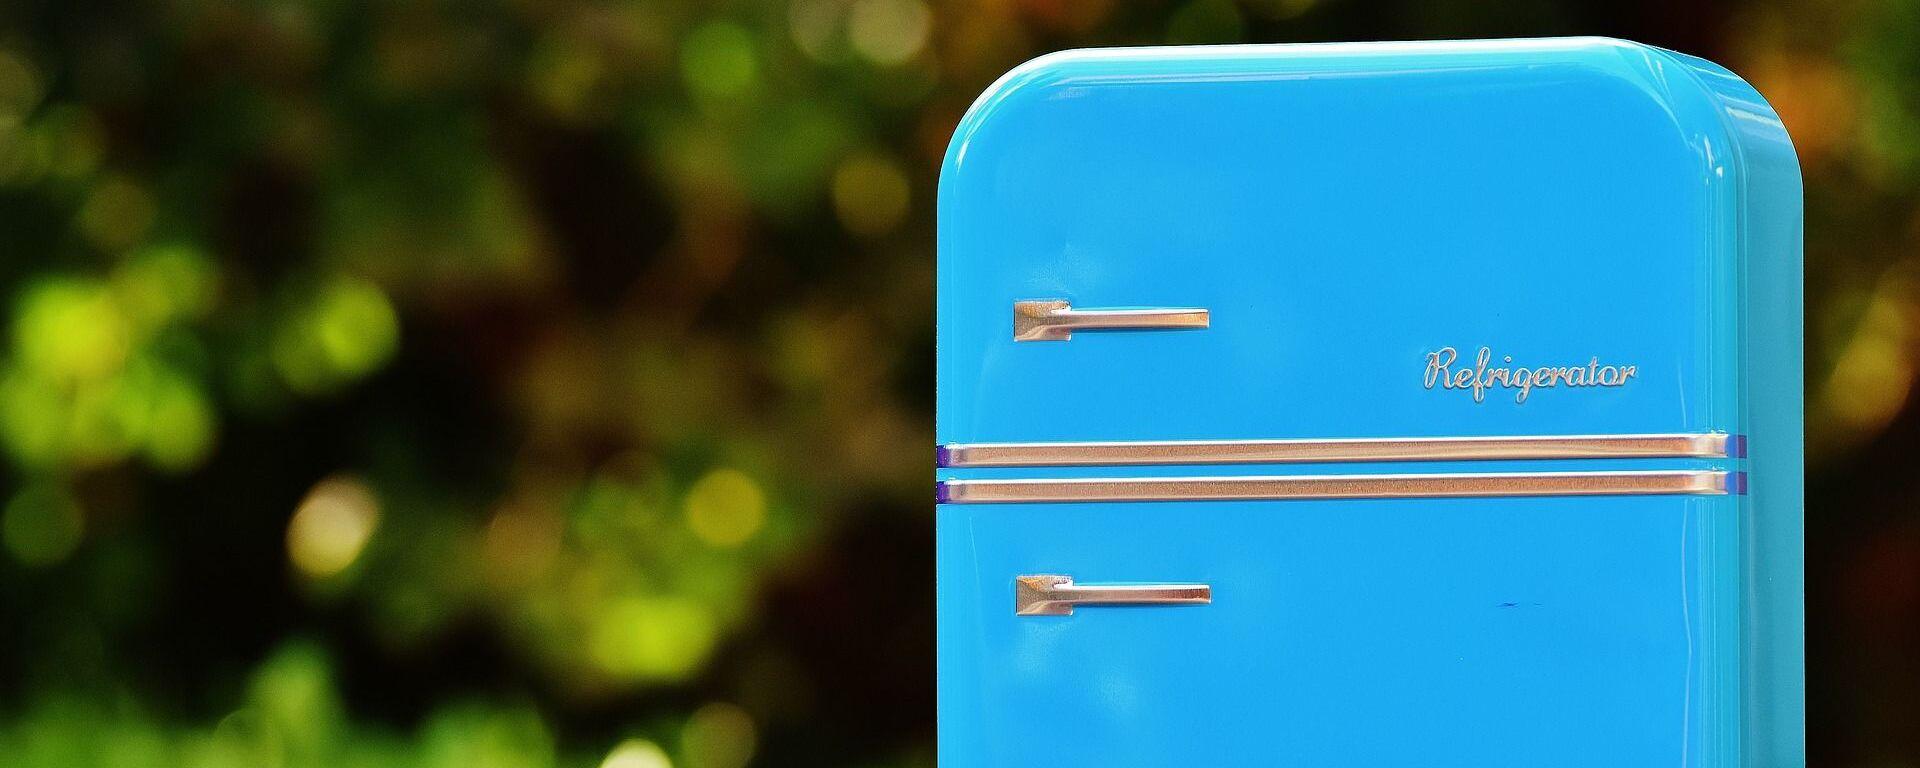 Ένα ψυγείο (φωτ. αρχείου) - Sputnik Ελλάδα, 1920, 08.10.2021